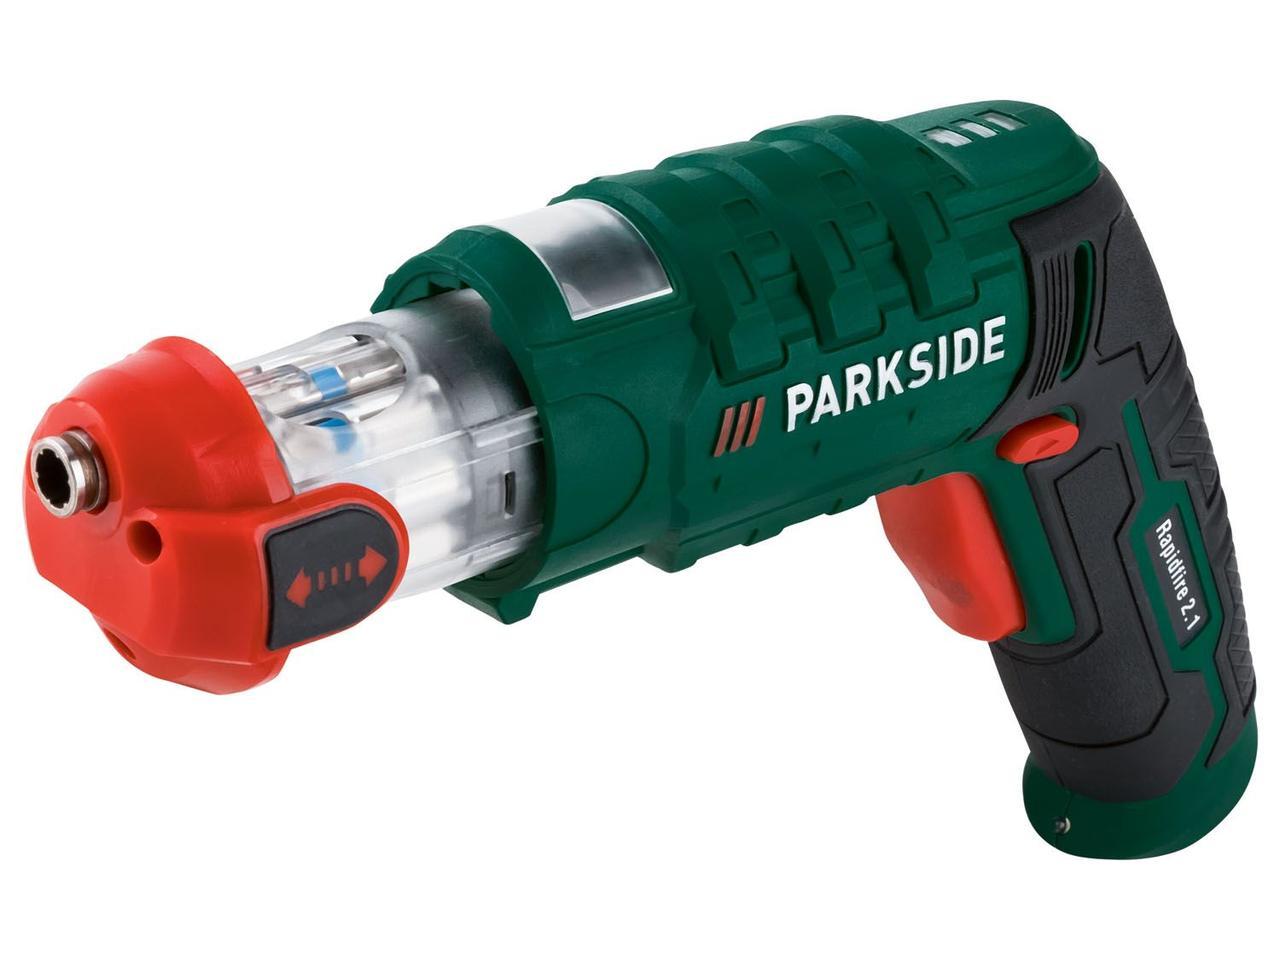 Аккумуляторная отвертка со сменной насадкой PARKSIDE Rapidfire 2.1